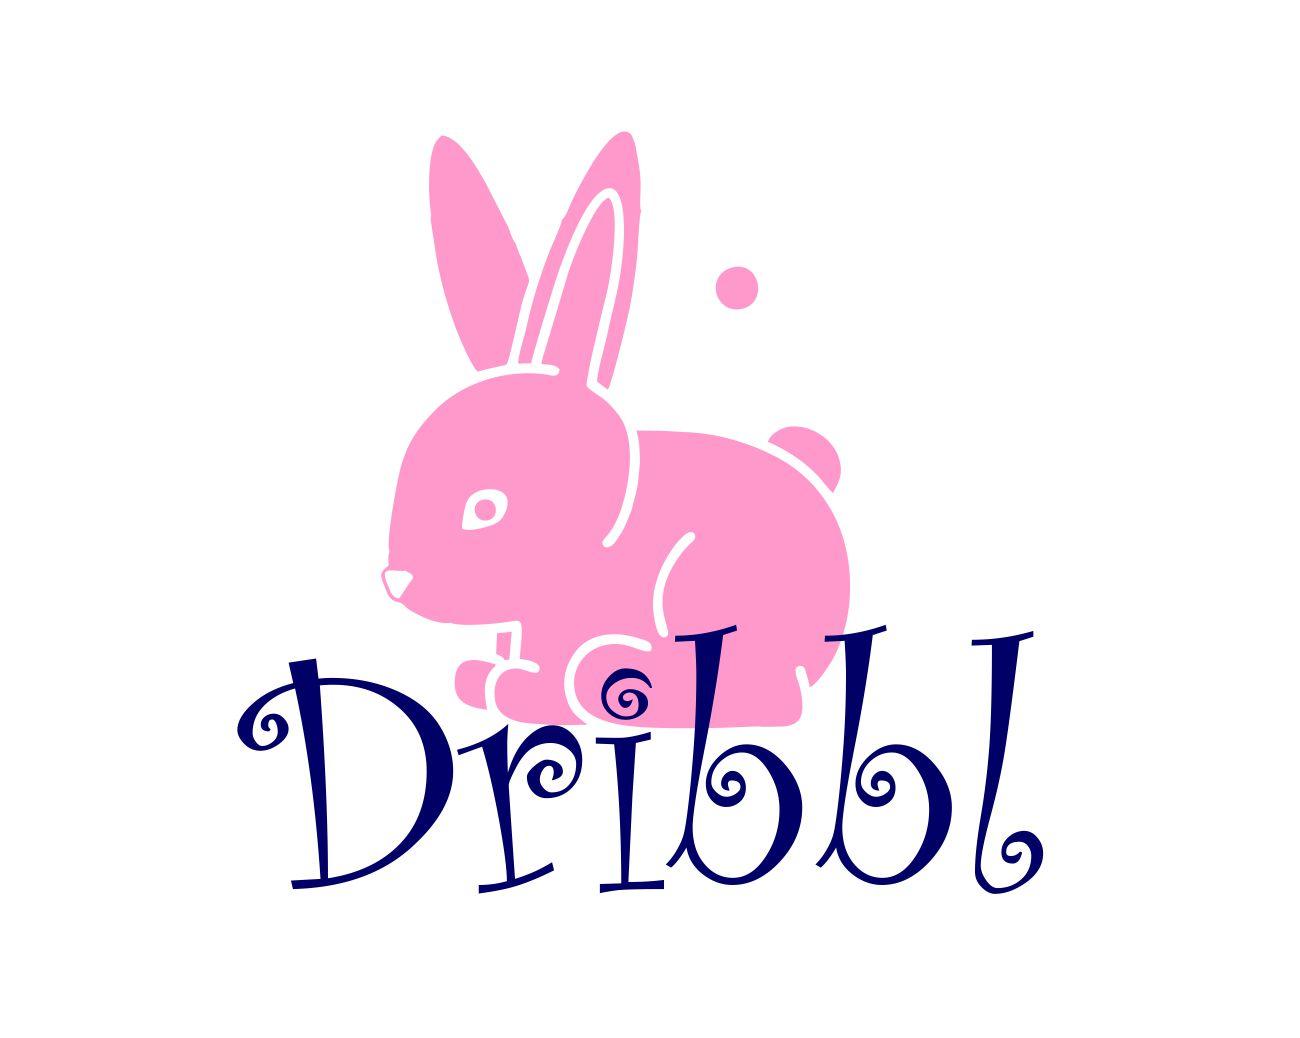 Разработка логотипа для сайта Dribbl.ru фото f_5615a9c715c6d93e.jpg